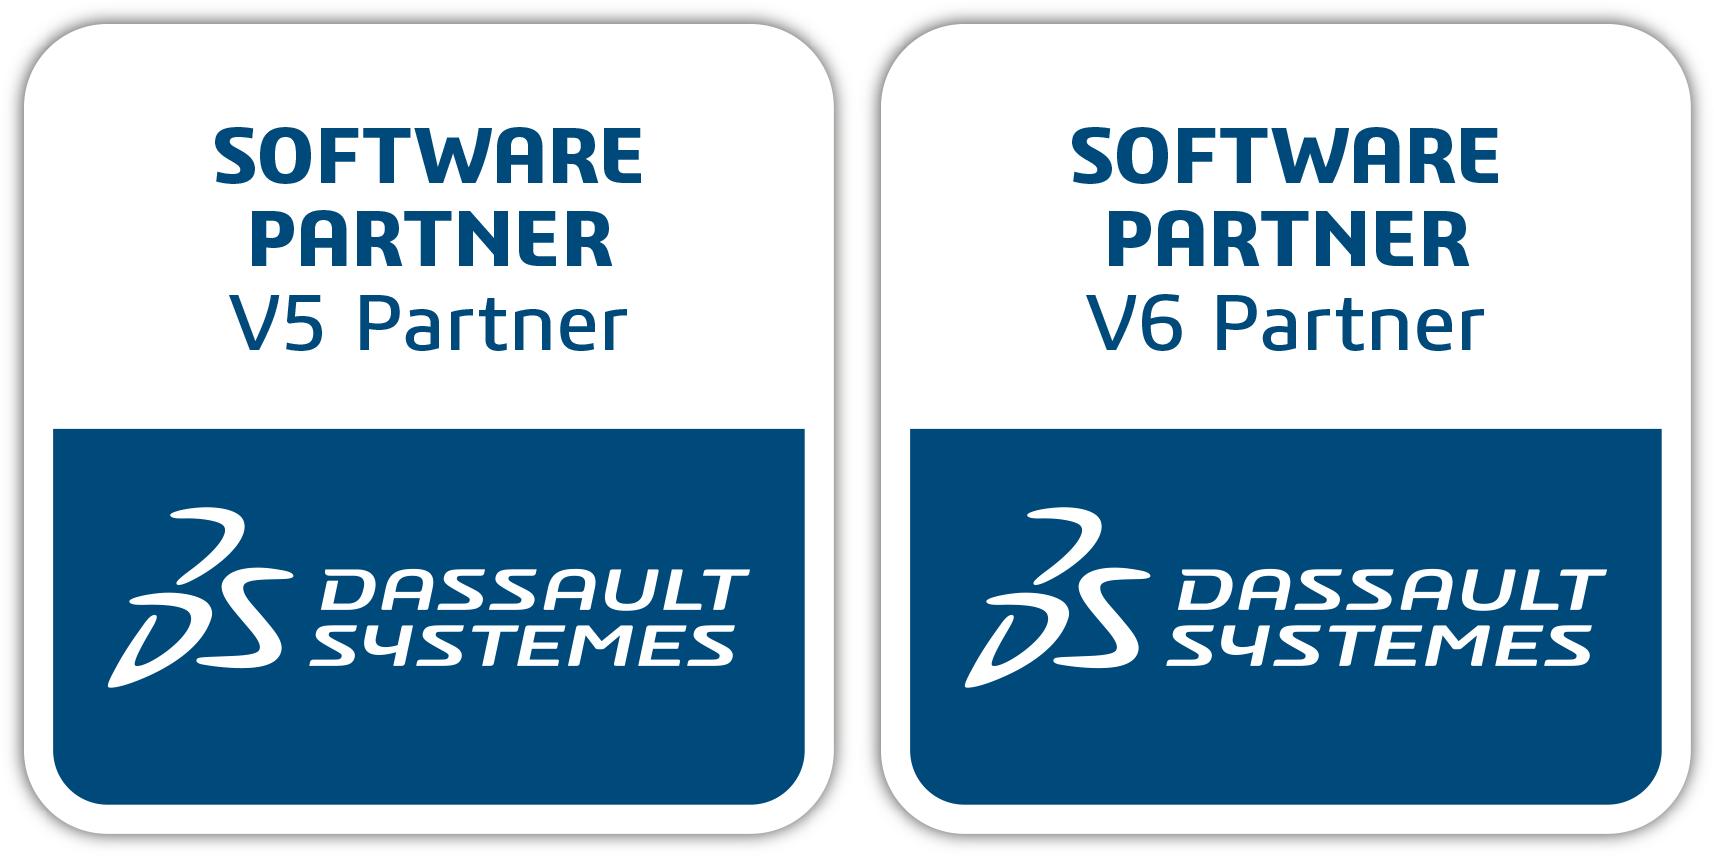 DS-SOFTWARE PARTNER-V5-V6-PARTNER